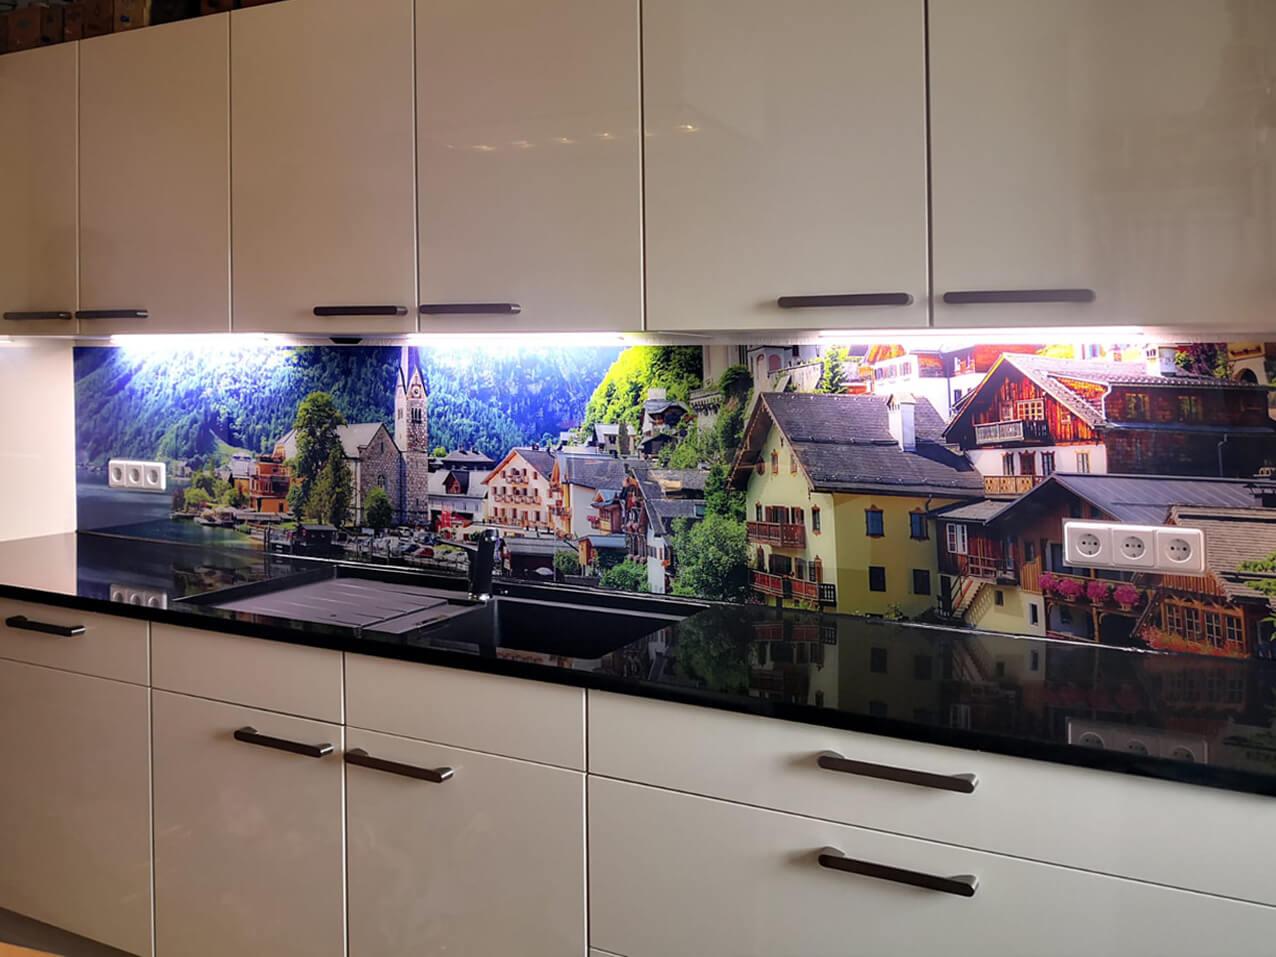 Wandbilder Kunstbilder Fotodruck Küchenrückwand Bilderdruck